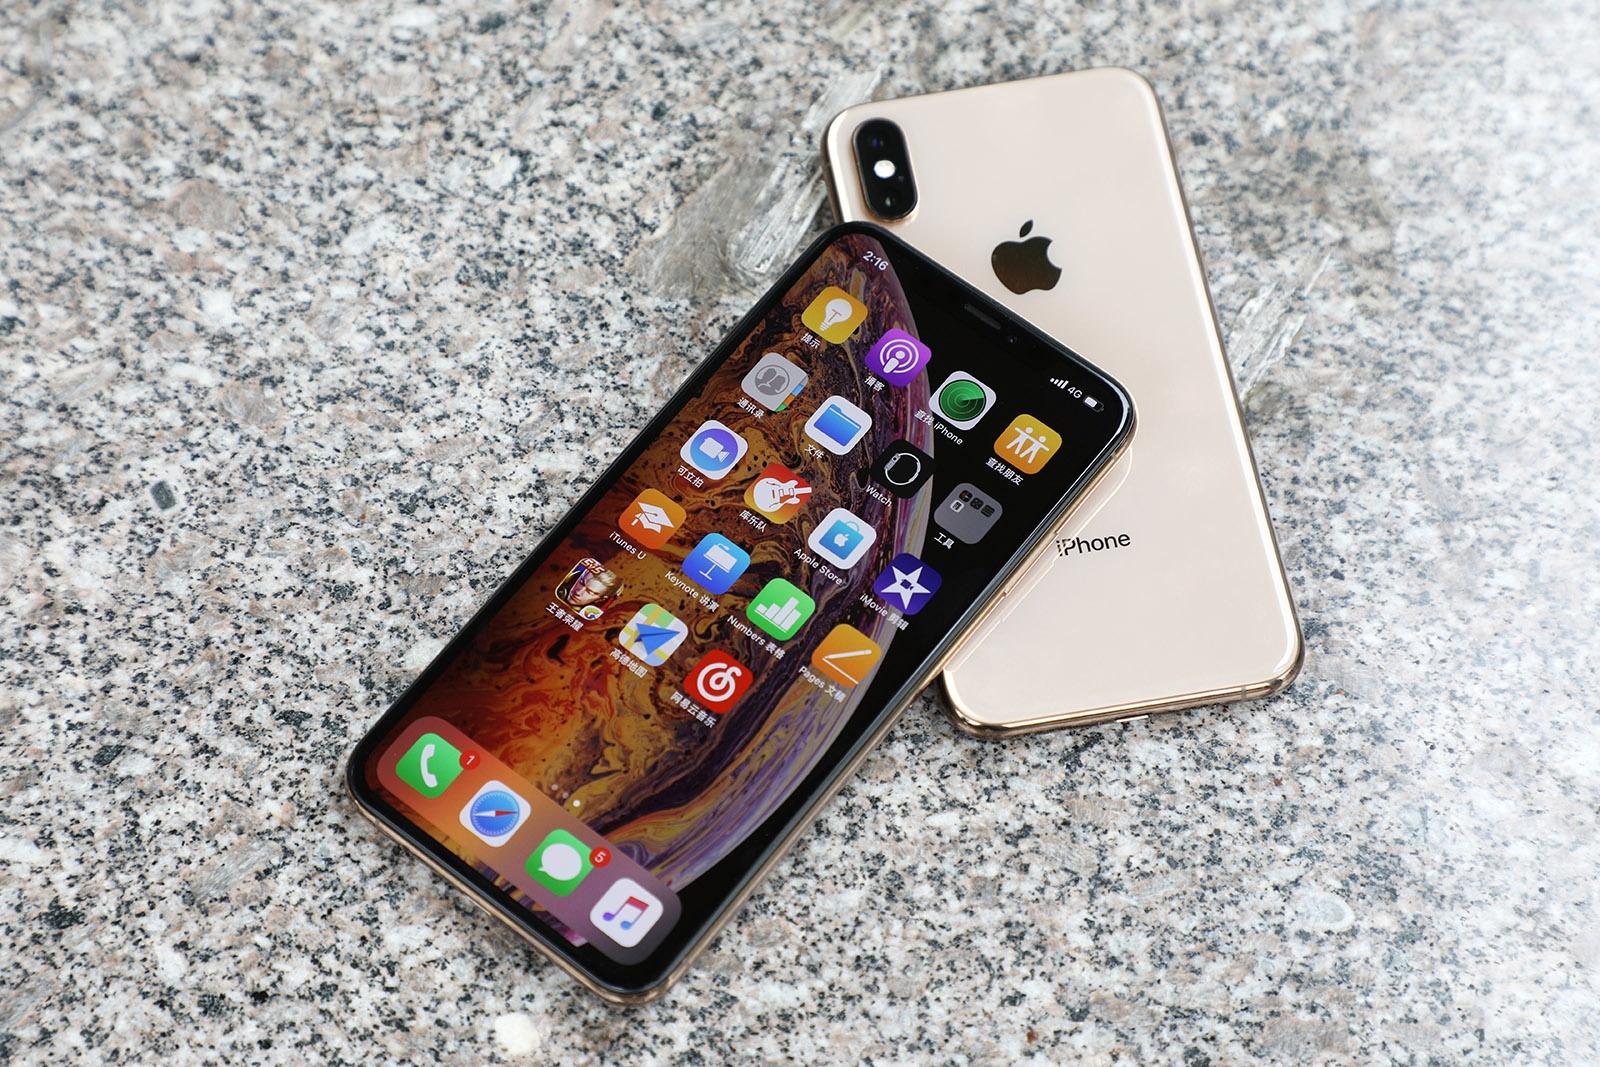 2019年拍照手机排行榜_2019年拍照手机哪款最好 2019拍照手机排行榜